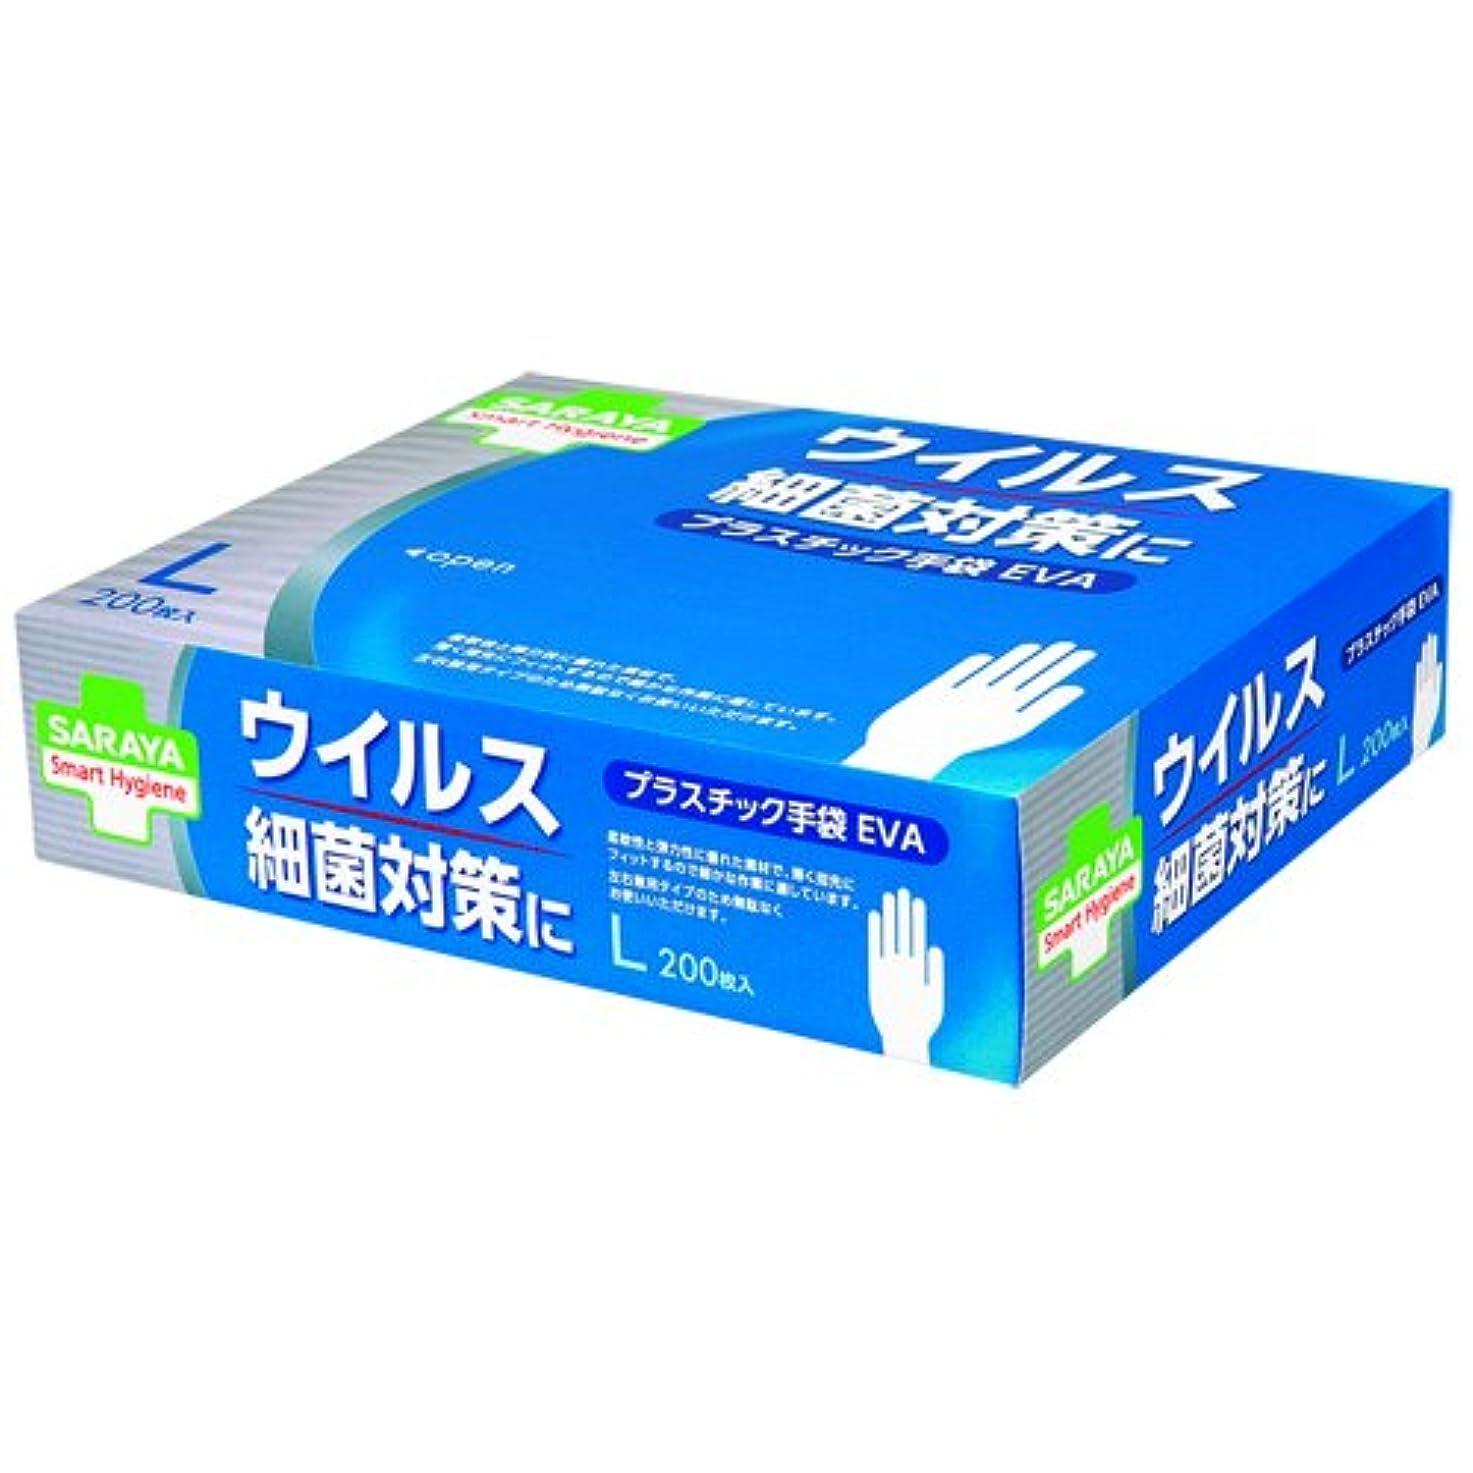 委員会ケープ経済的スマートハイジーンプラスチック手袋EVA200枚Lサイズ